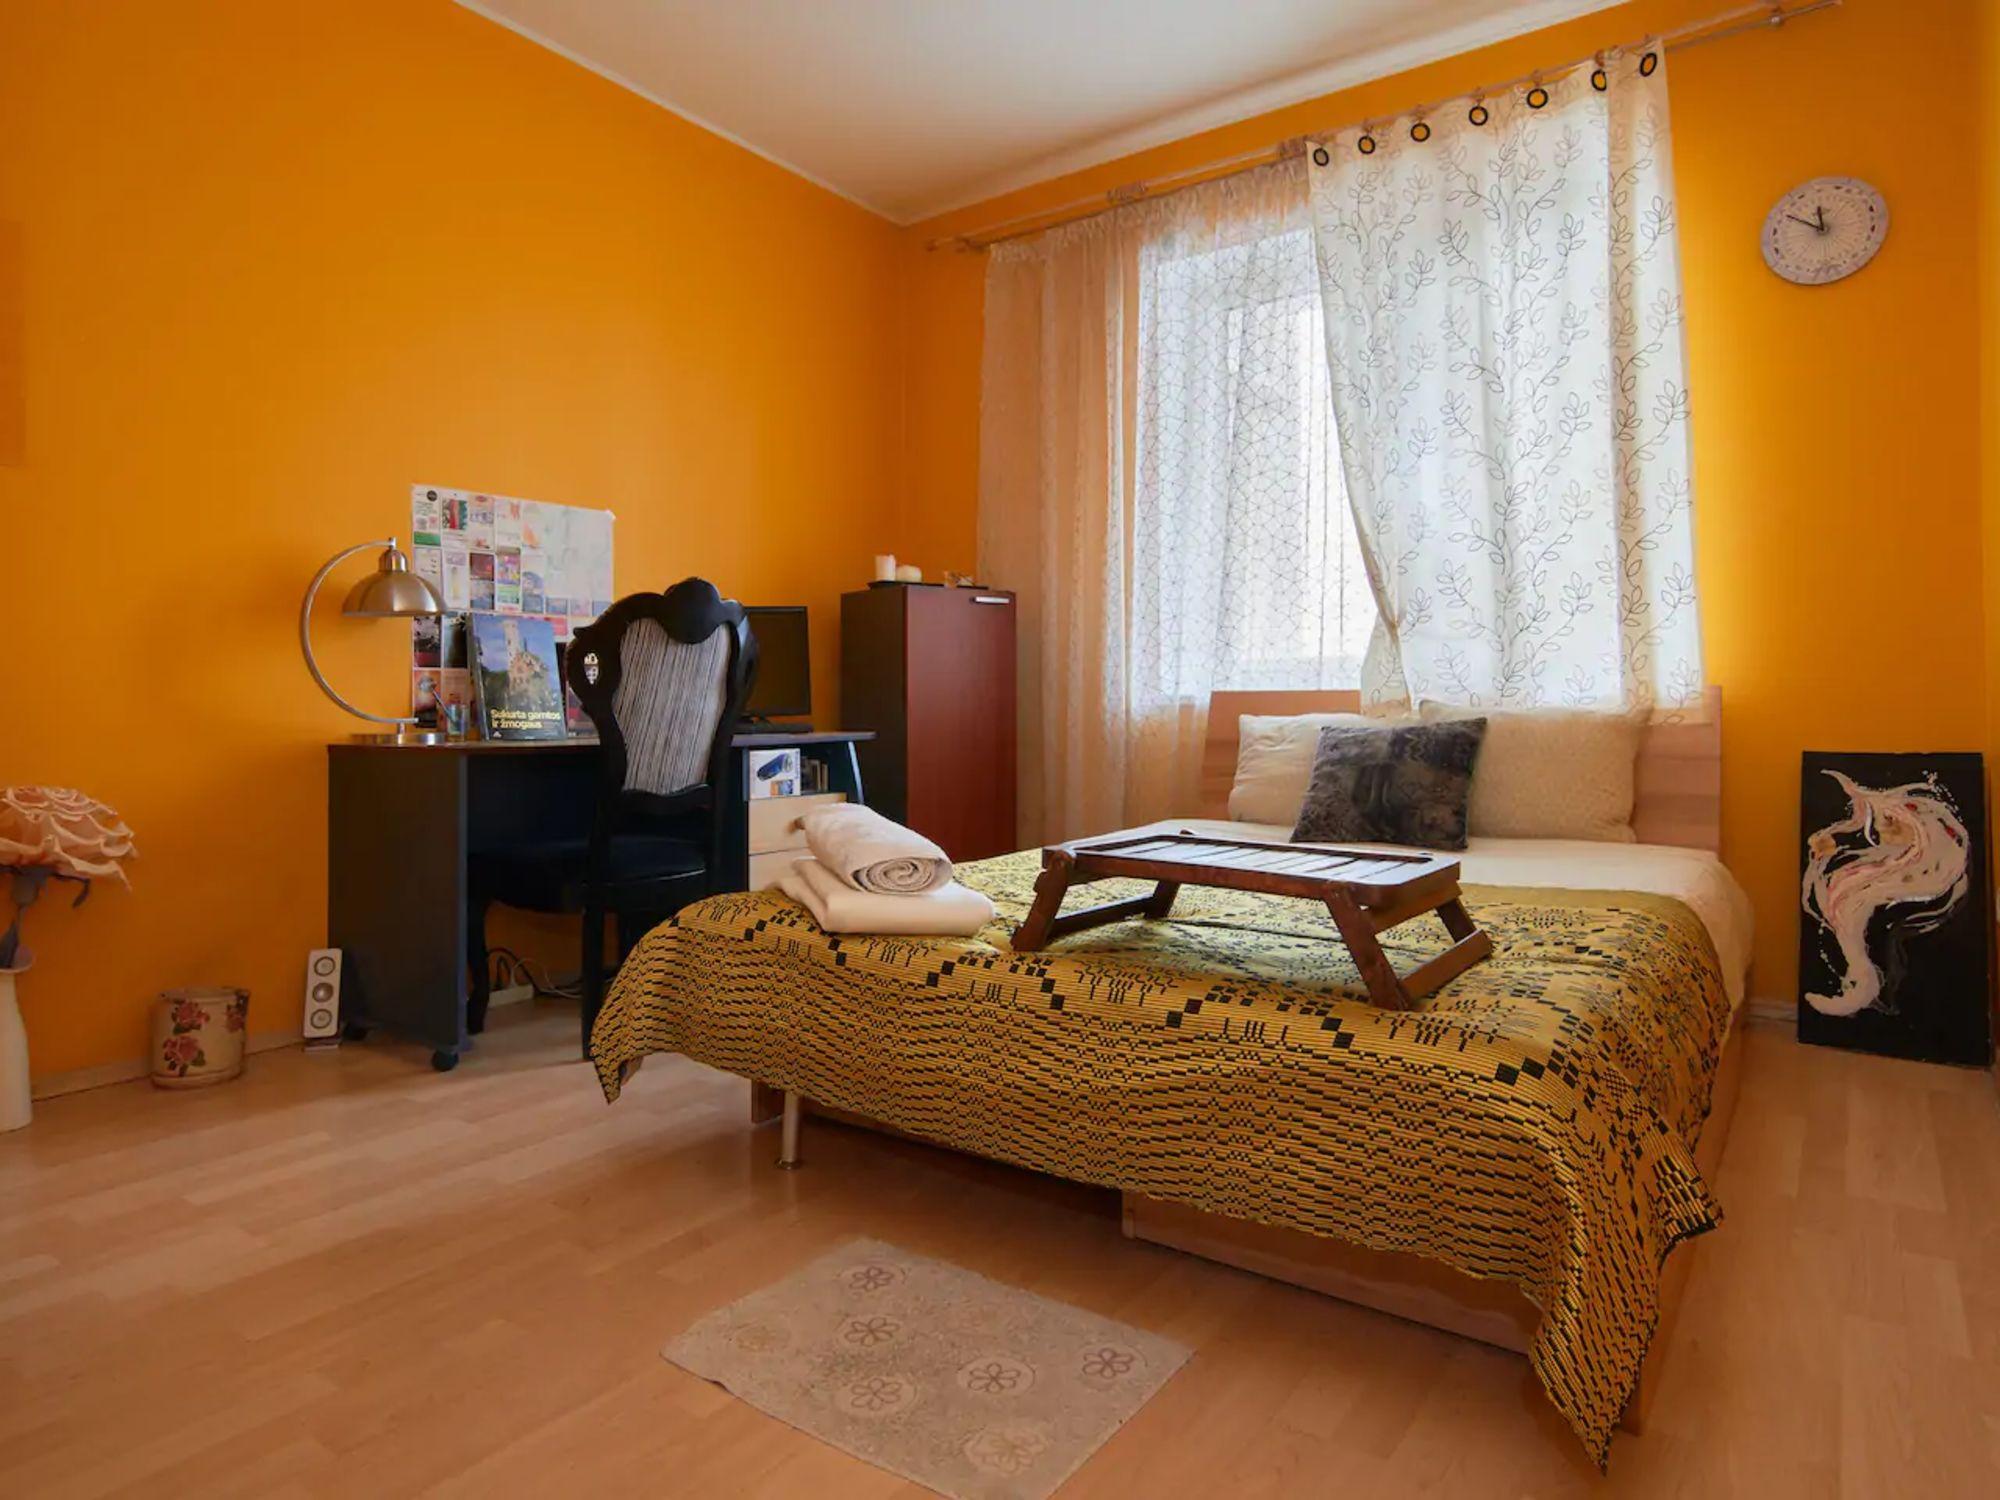 Property rentals in Vilnius